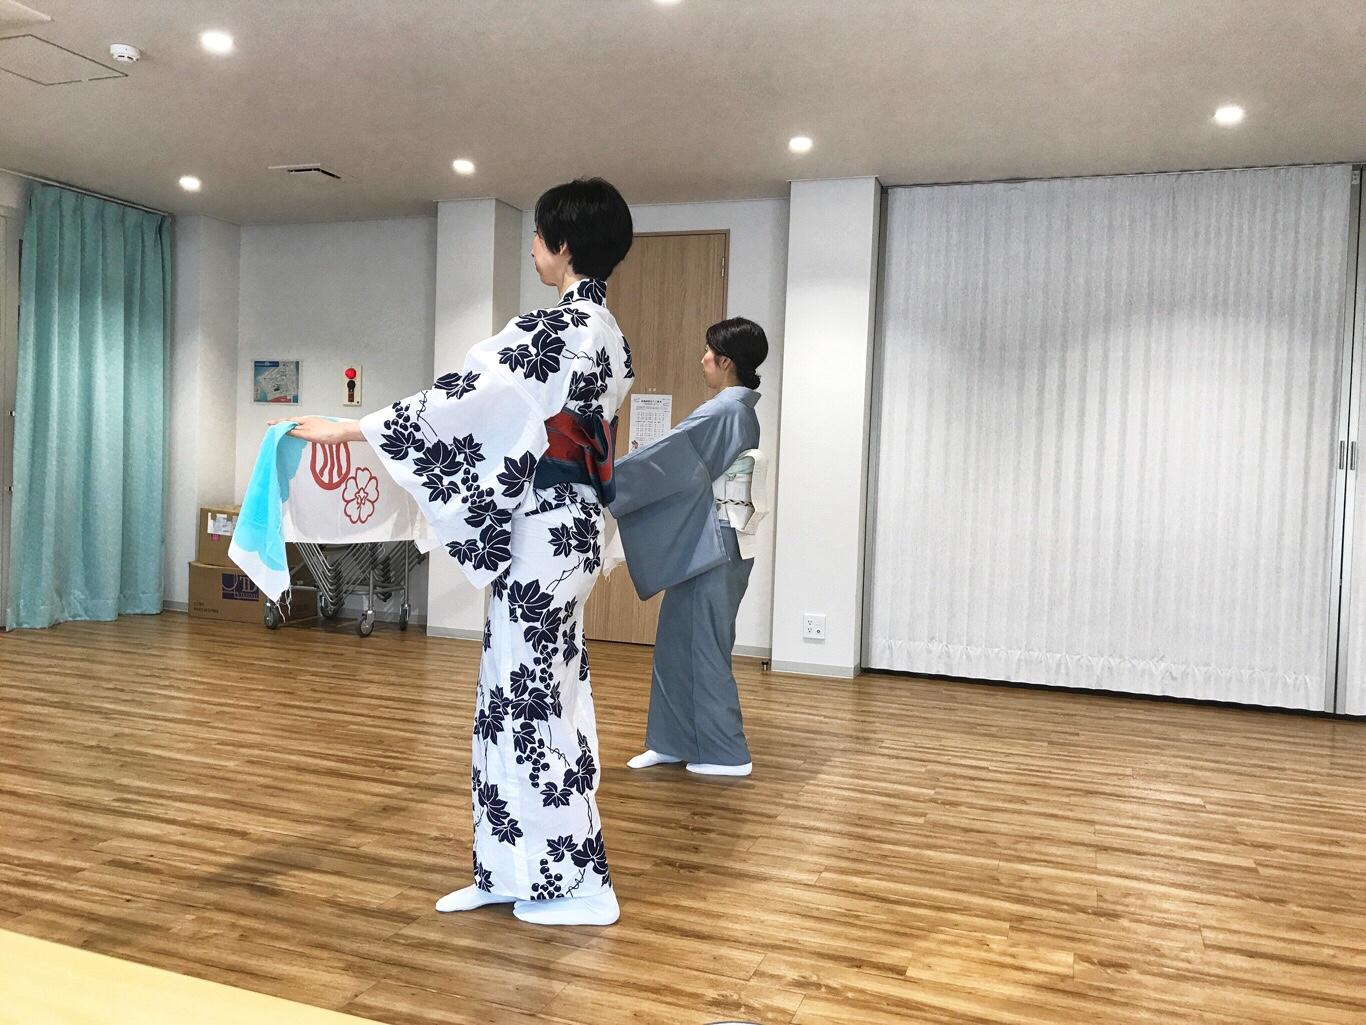 きものと舞う 日本舞踊 上方舞 レッスン